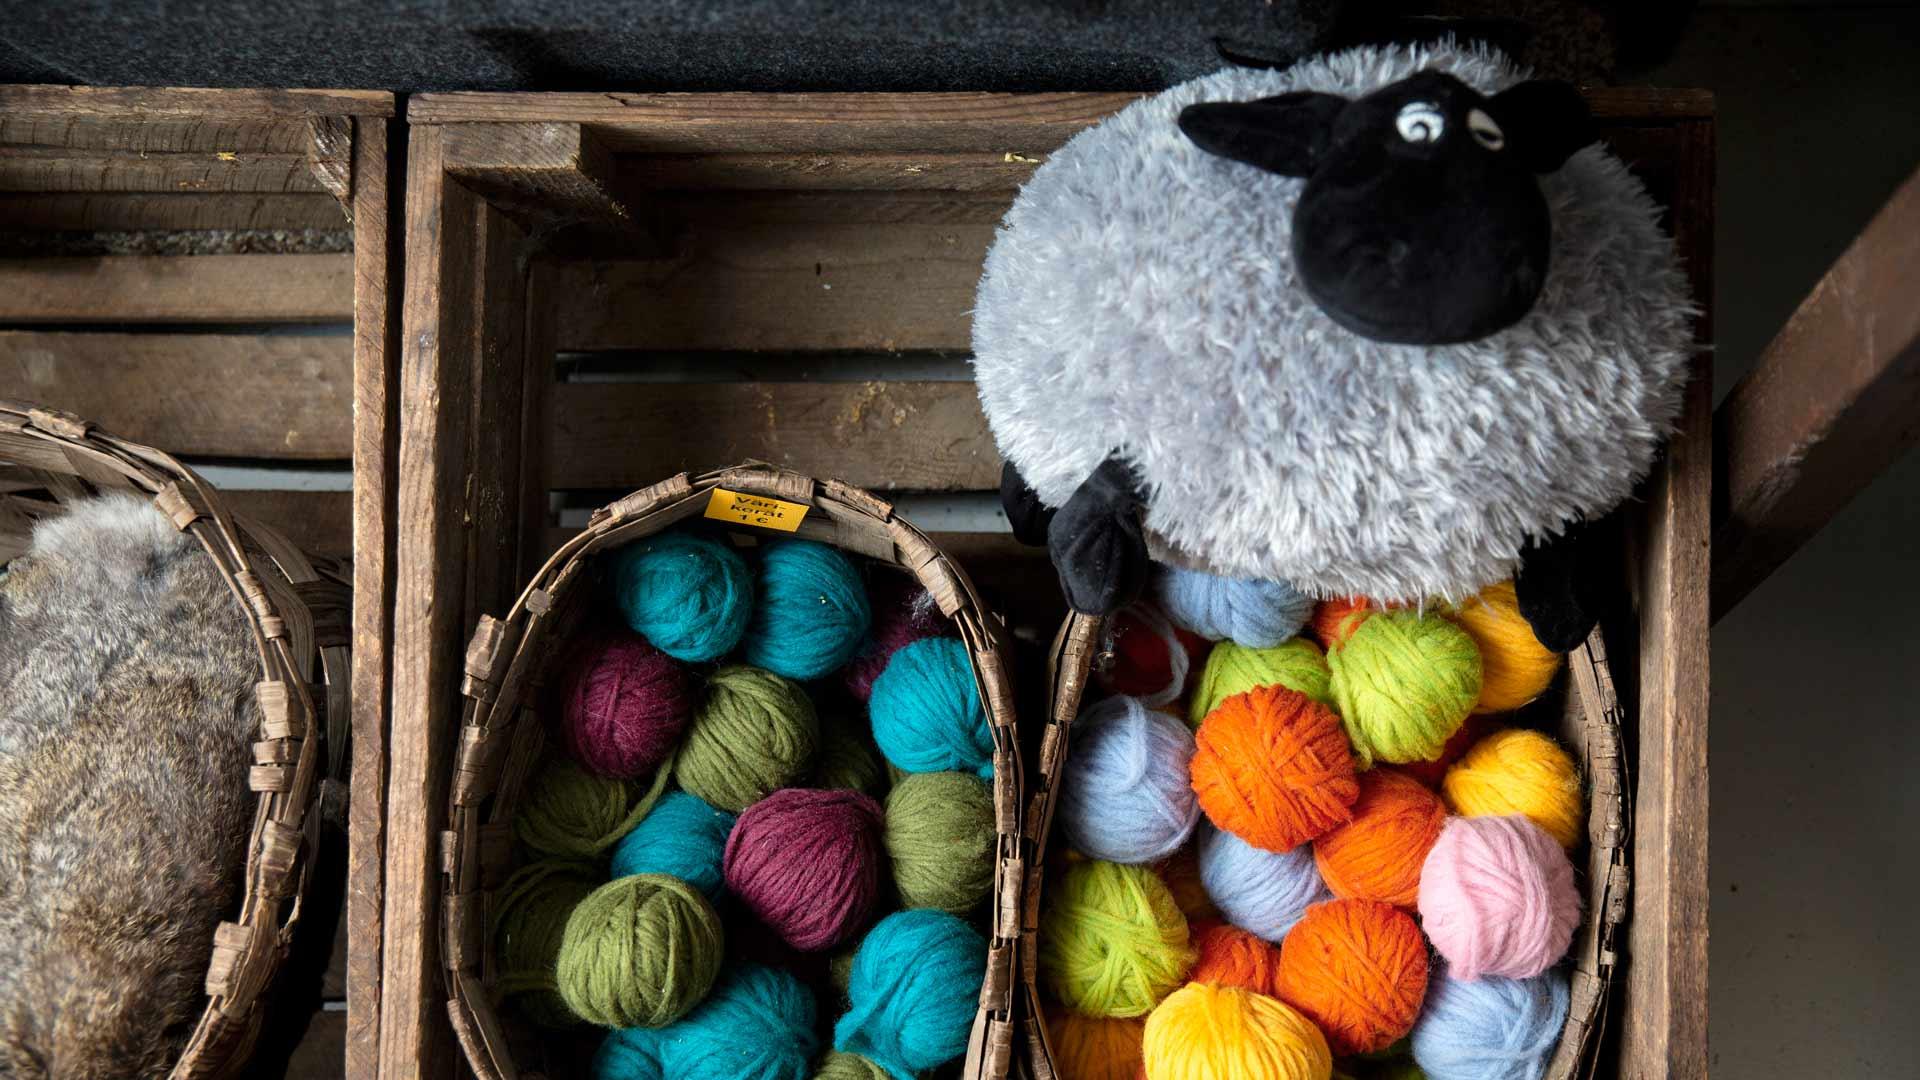 Kujansuun lampaiden villa kehrääntyy langaksi Pirtin kehräämössä.